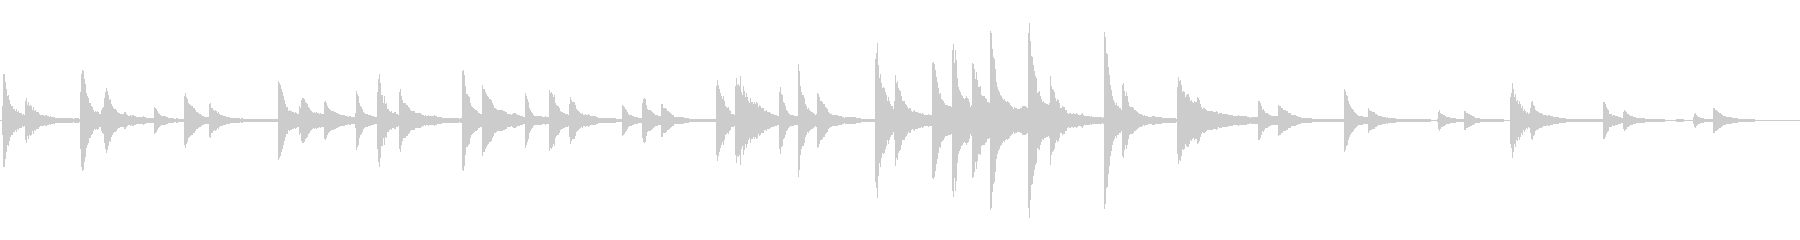 【ピアノ曲】ゆったり壮大なイメージの未再生の波形